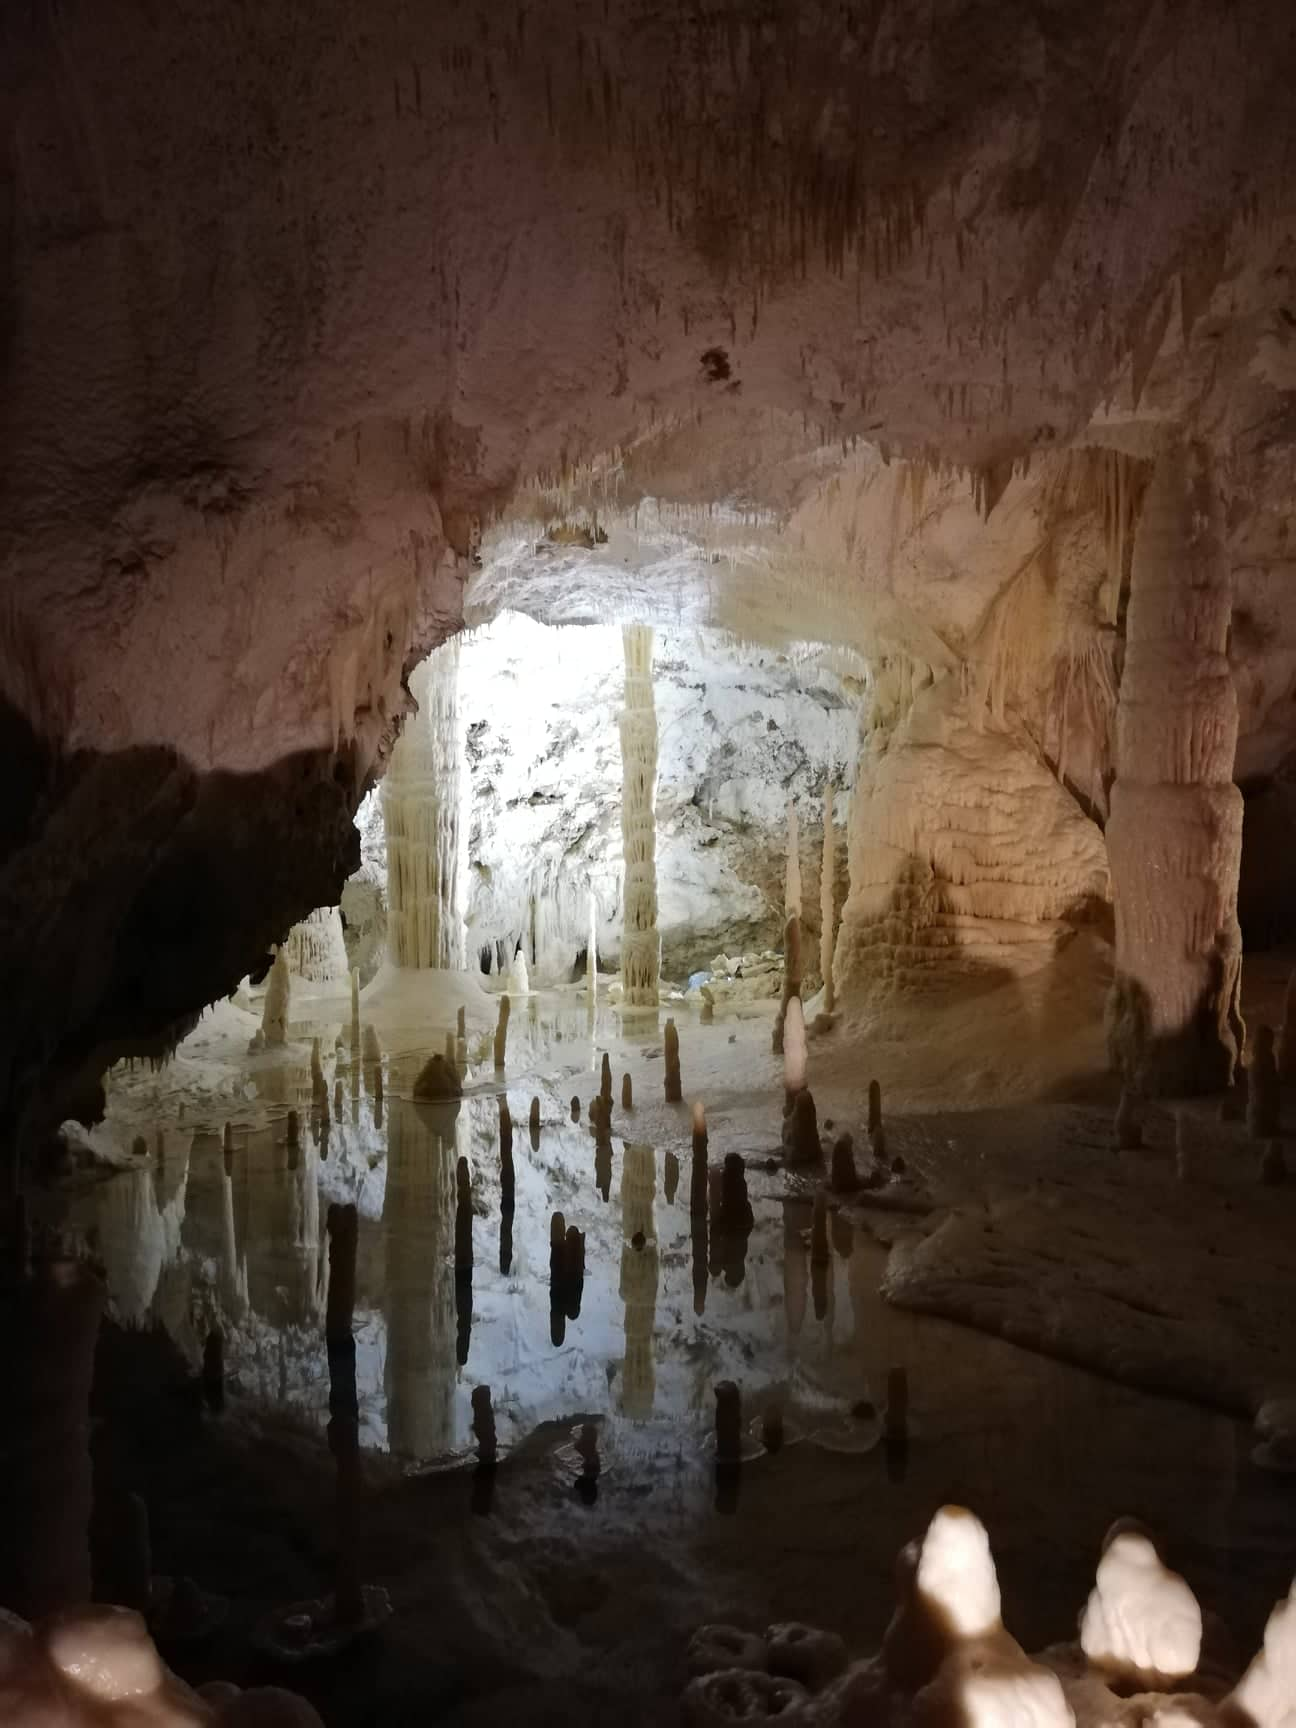 grotte di Frasassi - Sala delle Candeline- cosa aspettarsi dalla visita - destinazionemarche